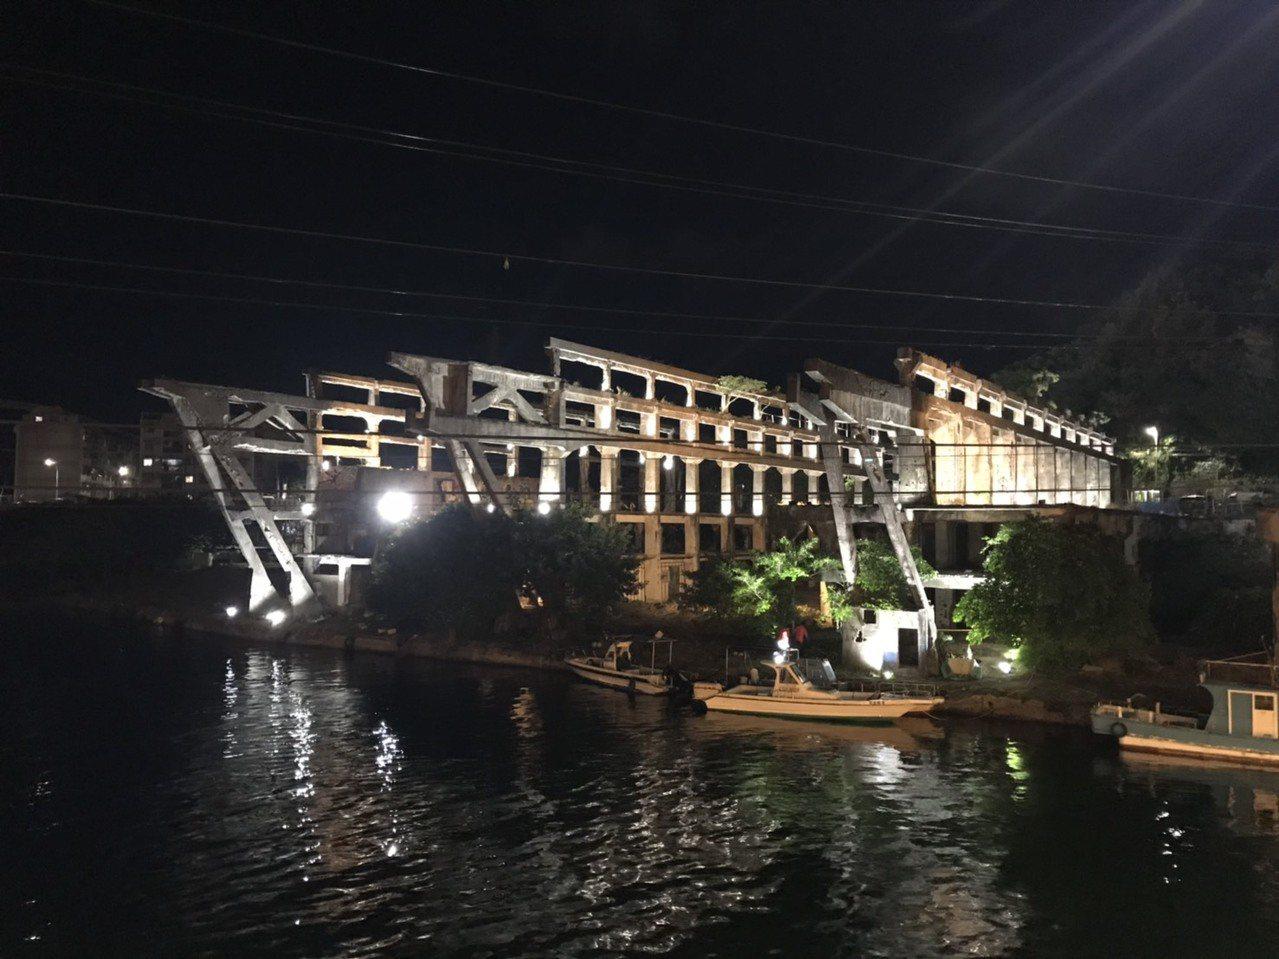 基隆潮藝術也要讓阿根納造船廠亮起來,今晚試燈,幽幽燈光,令人驚豔。圖/基隆文化局...